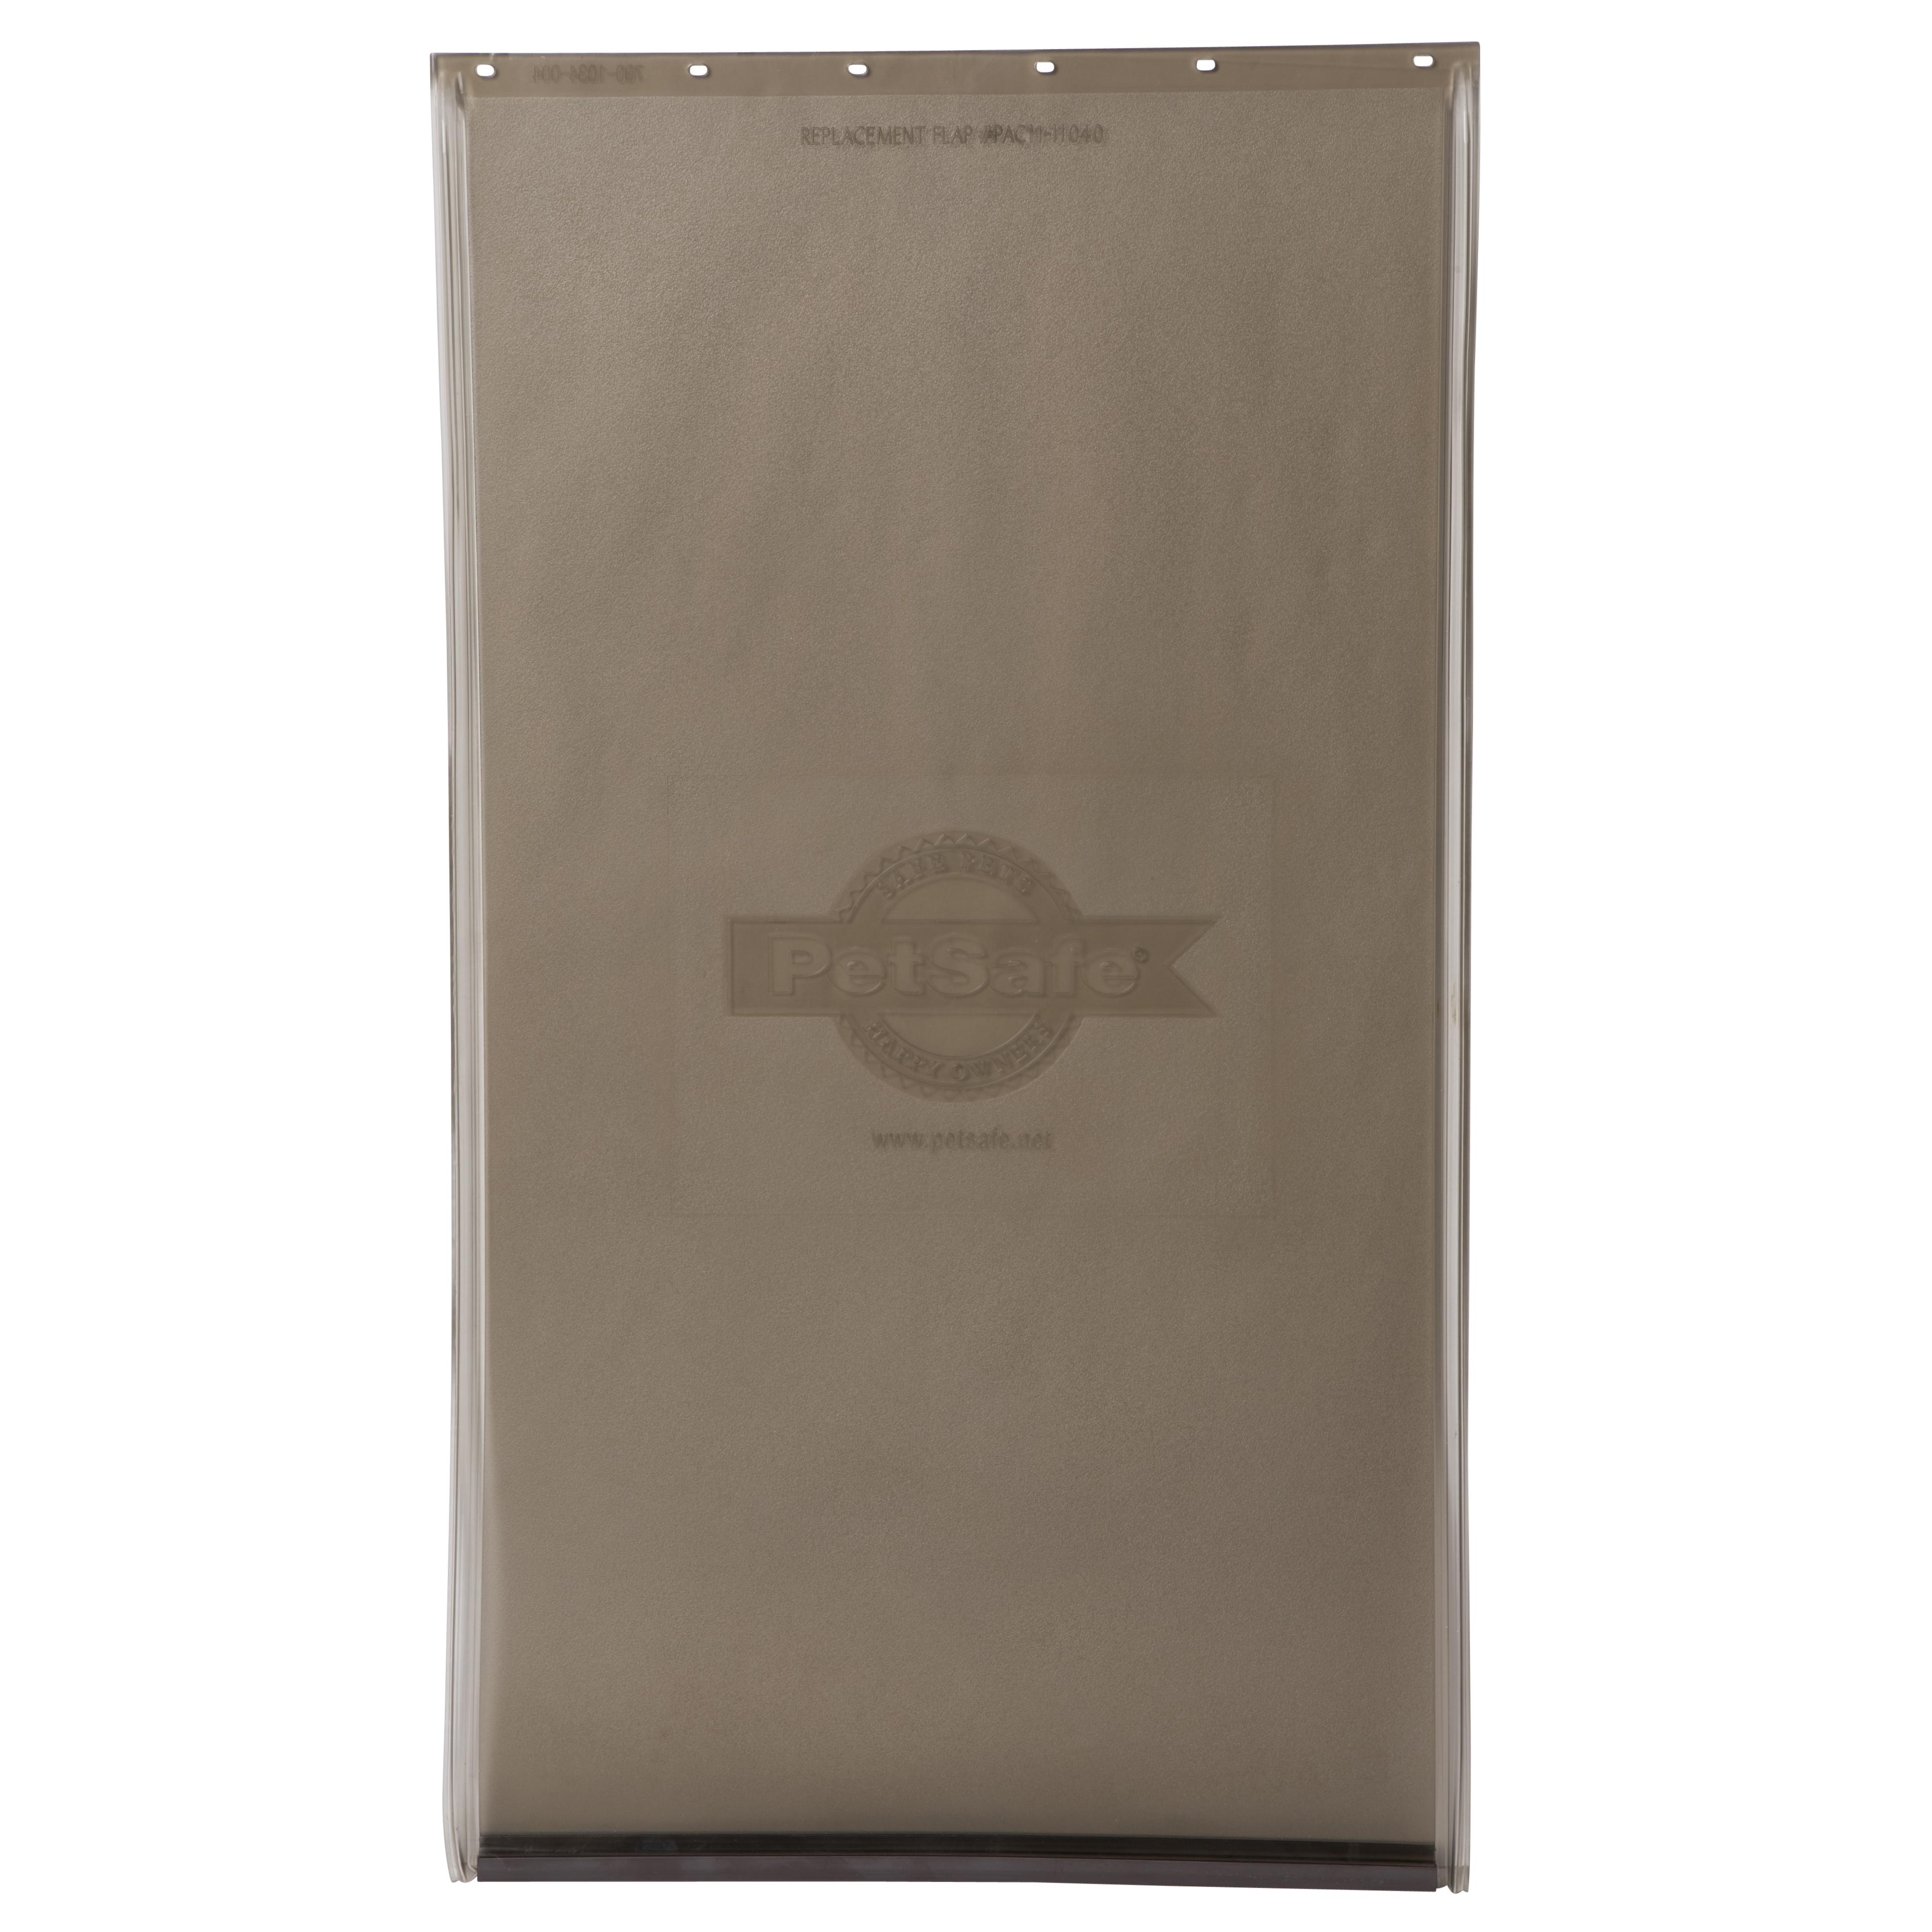 Staywell-Petsafe Vervangingsklep 600 Xl - Hondenluik - per stuk